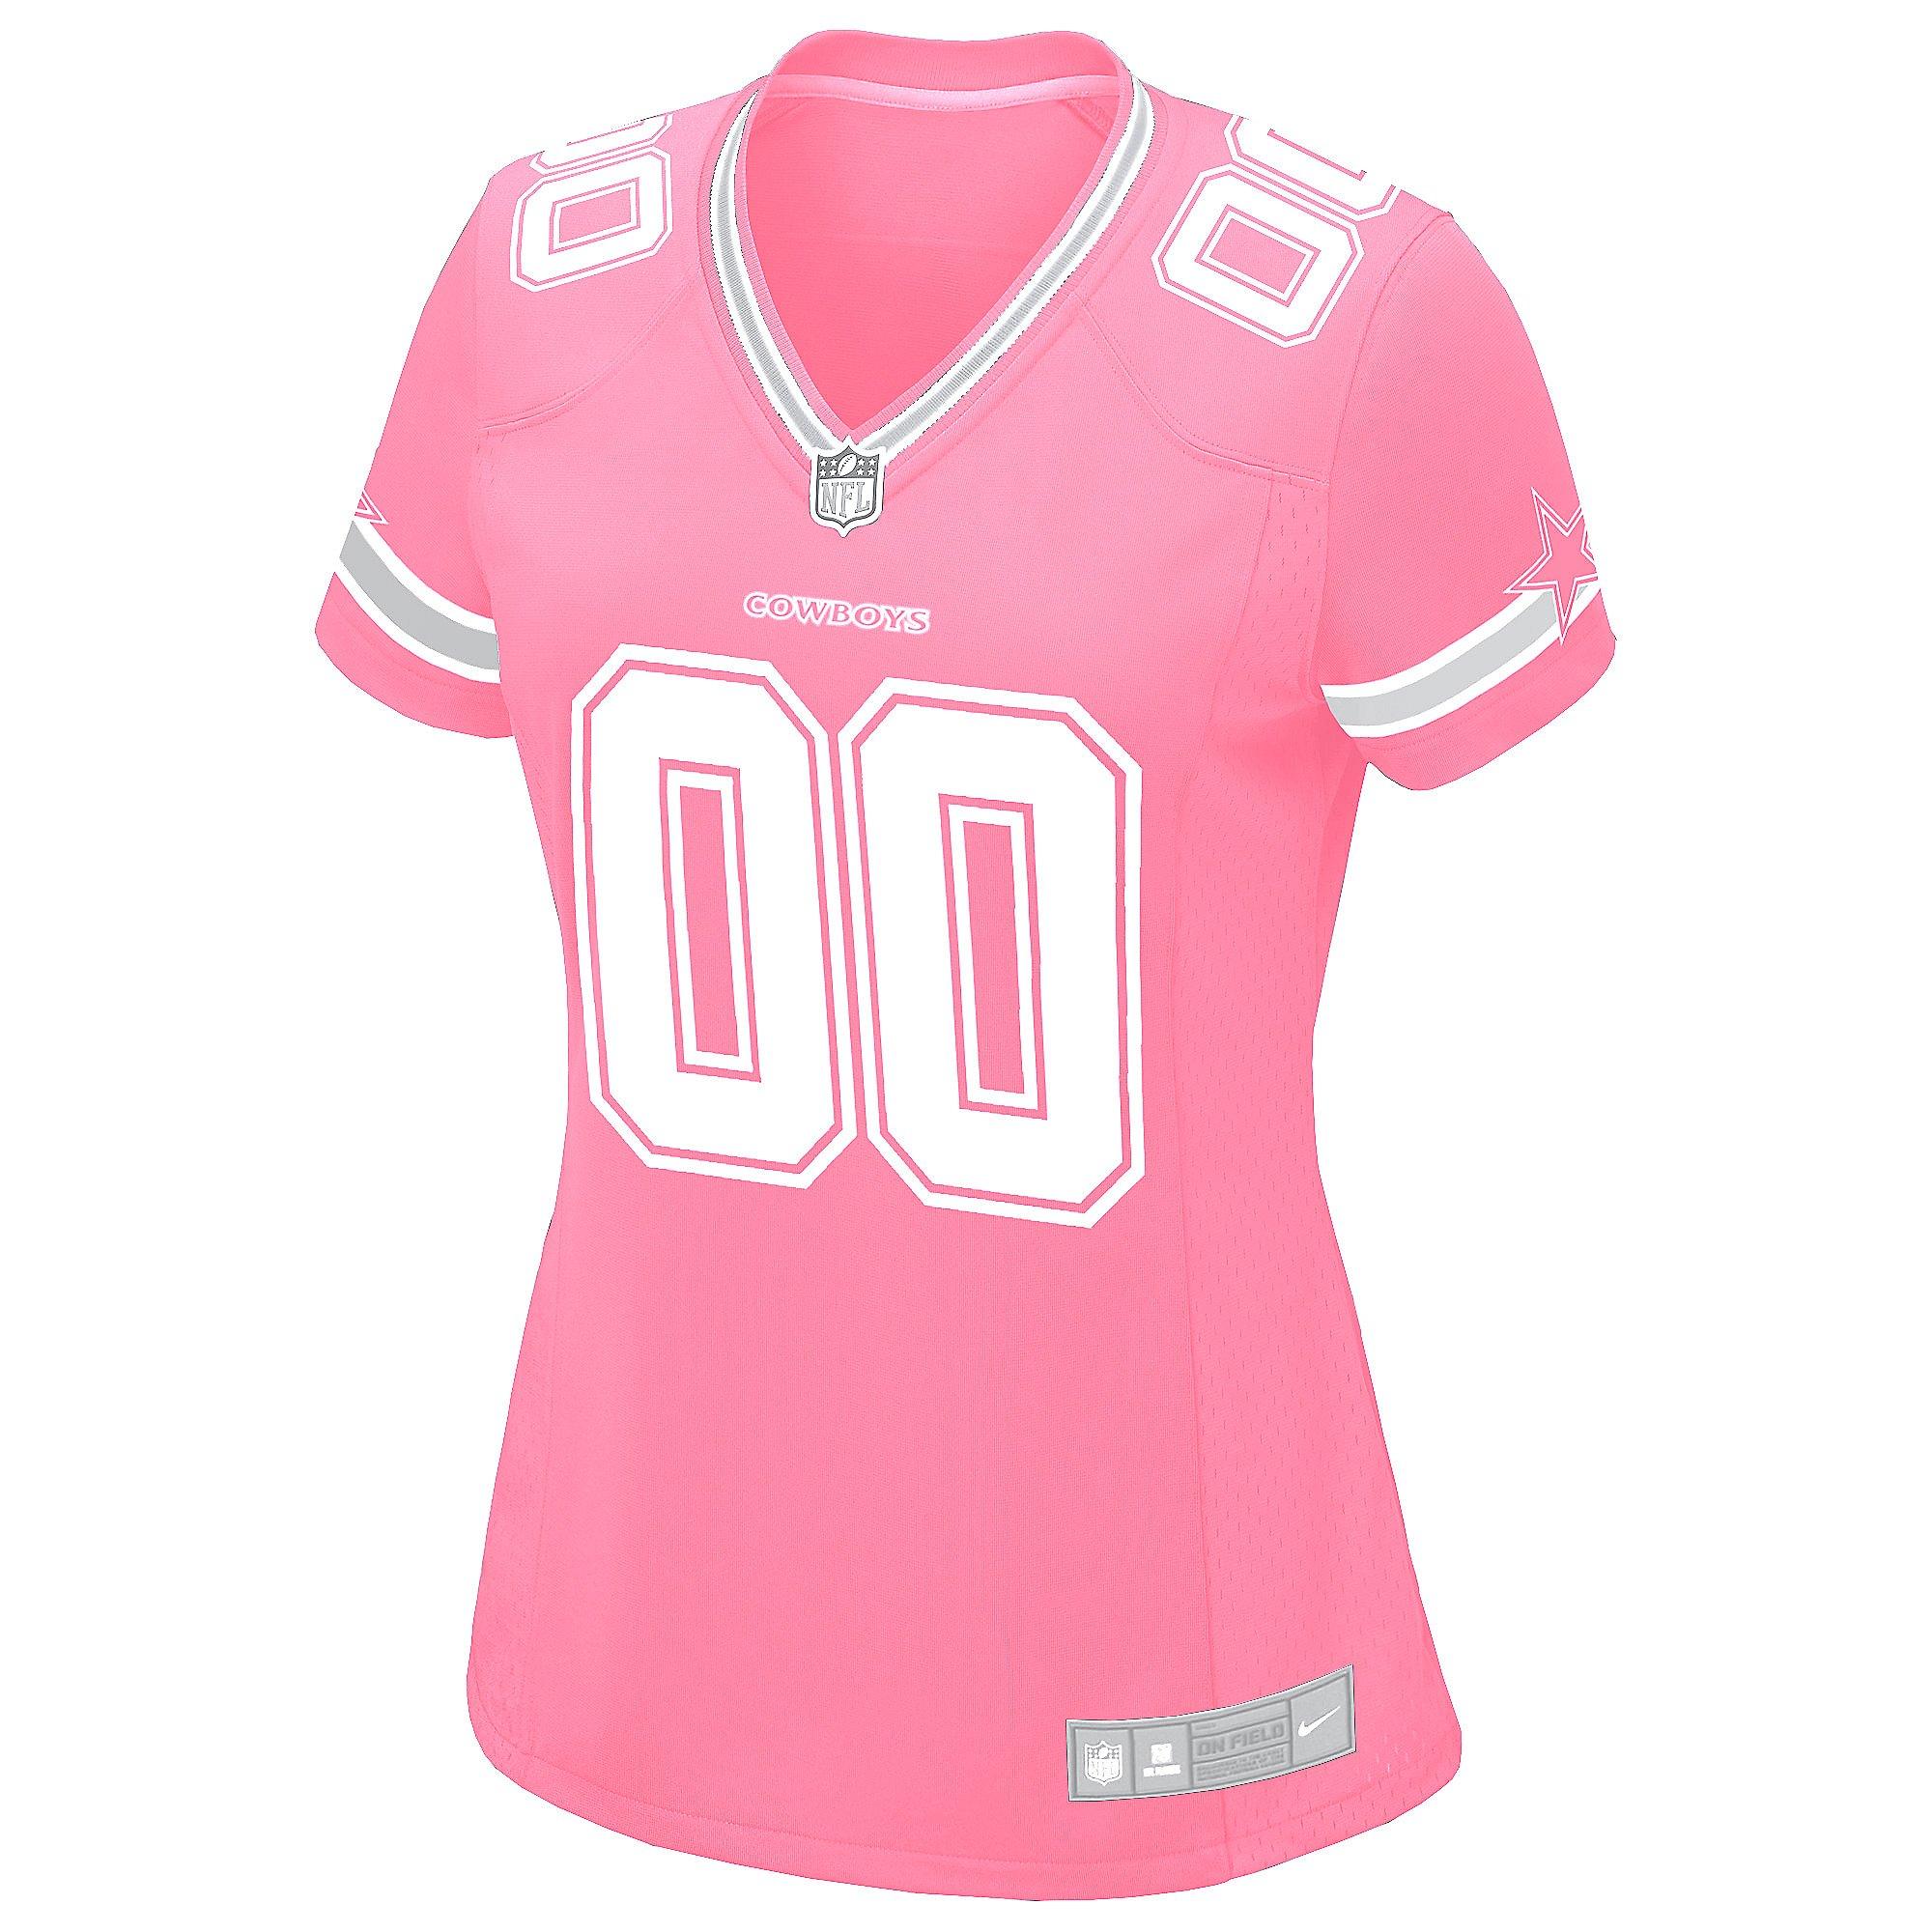 Dallas Cowboys Womens Custom Pink Replica Jersey | Dallas Cowboys ...